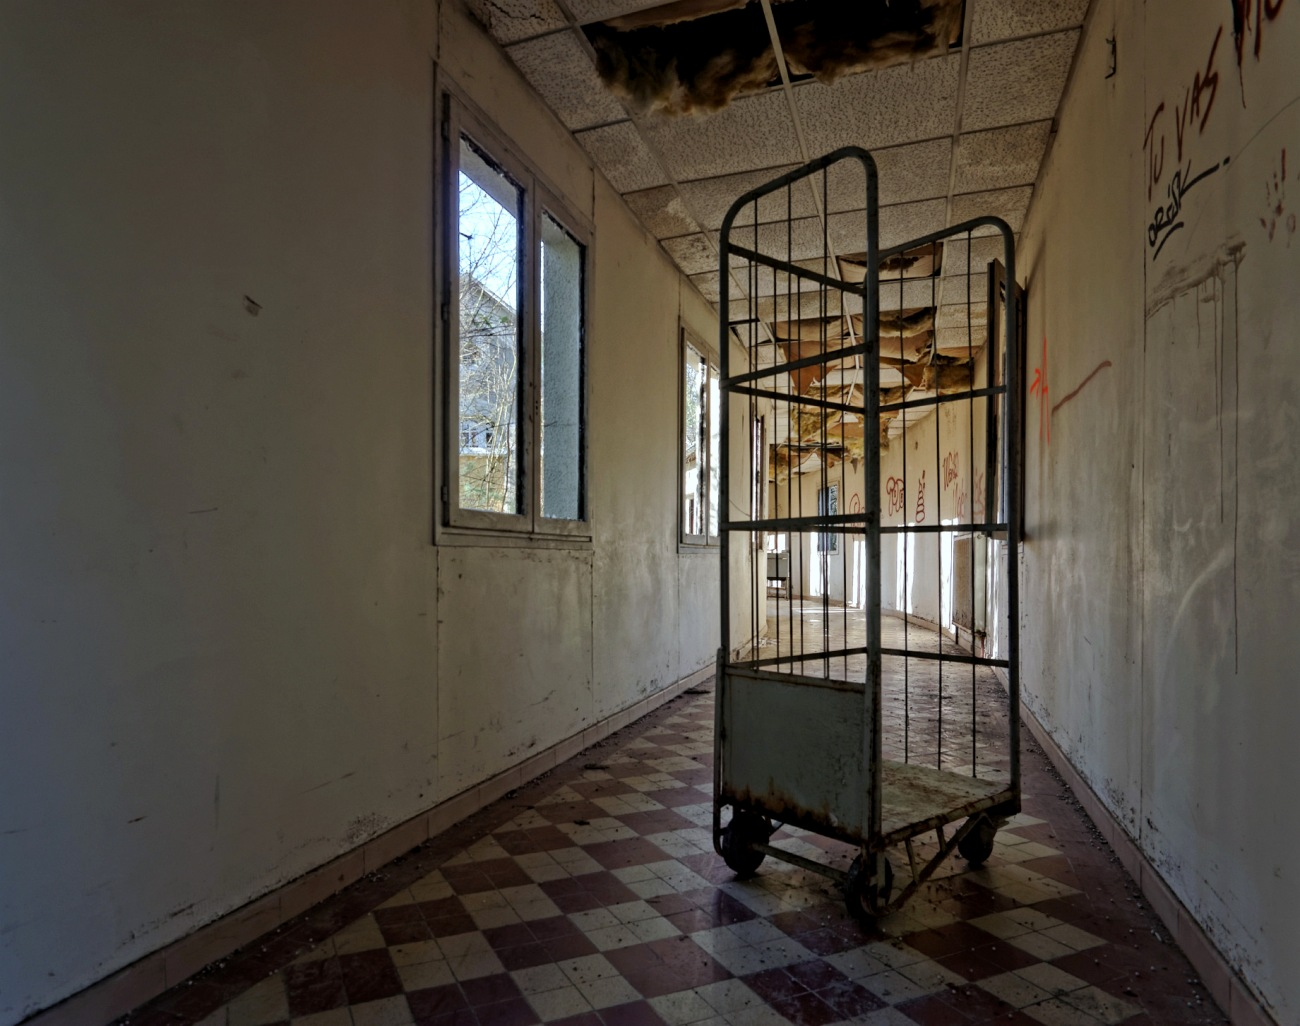 couloir sanatorium delirium, exploration urbaine, urbex